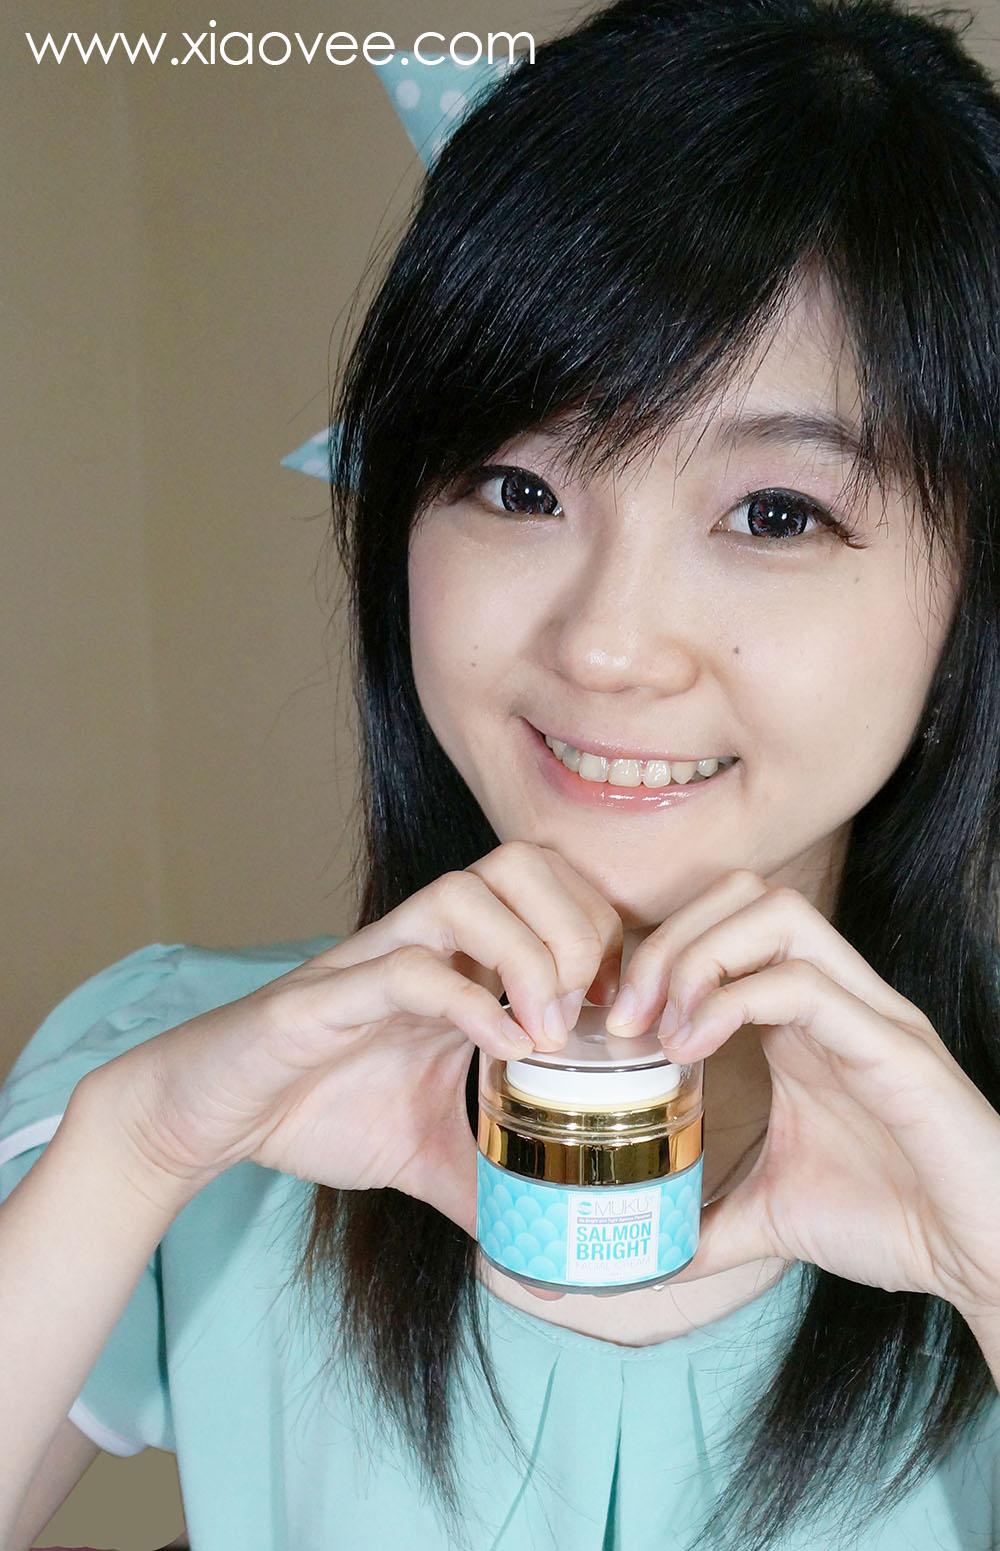 Salmon Bright Facial Cream by MUKU